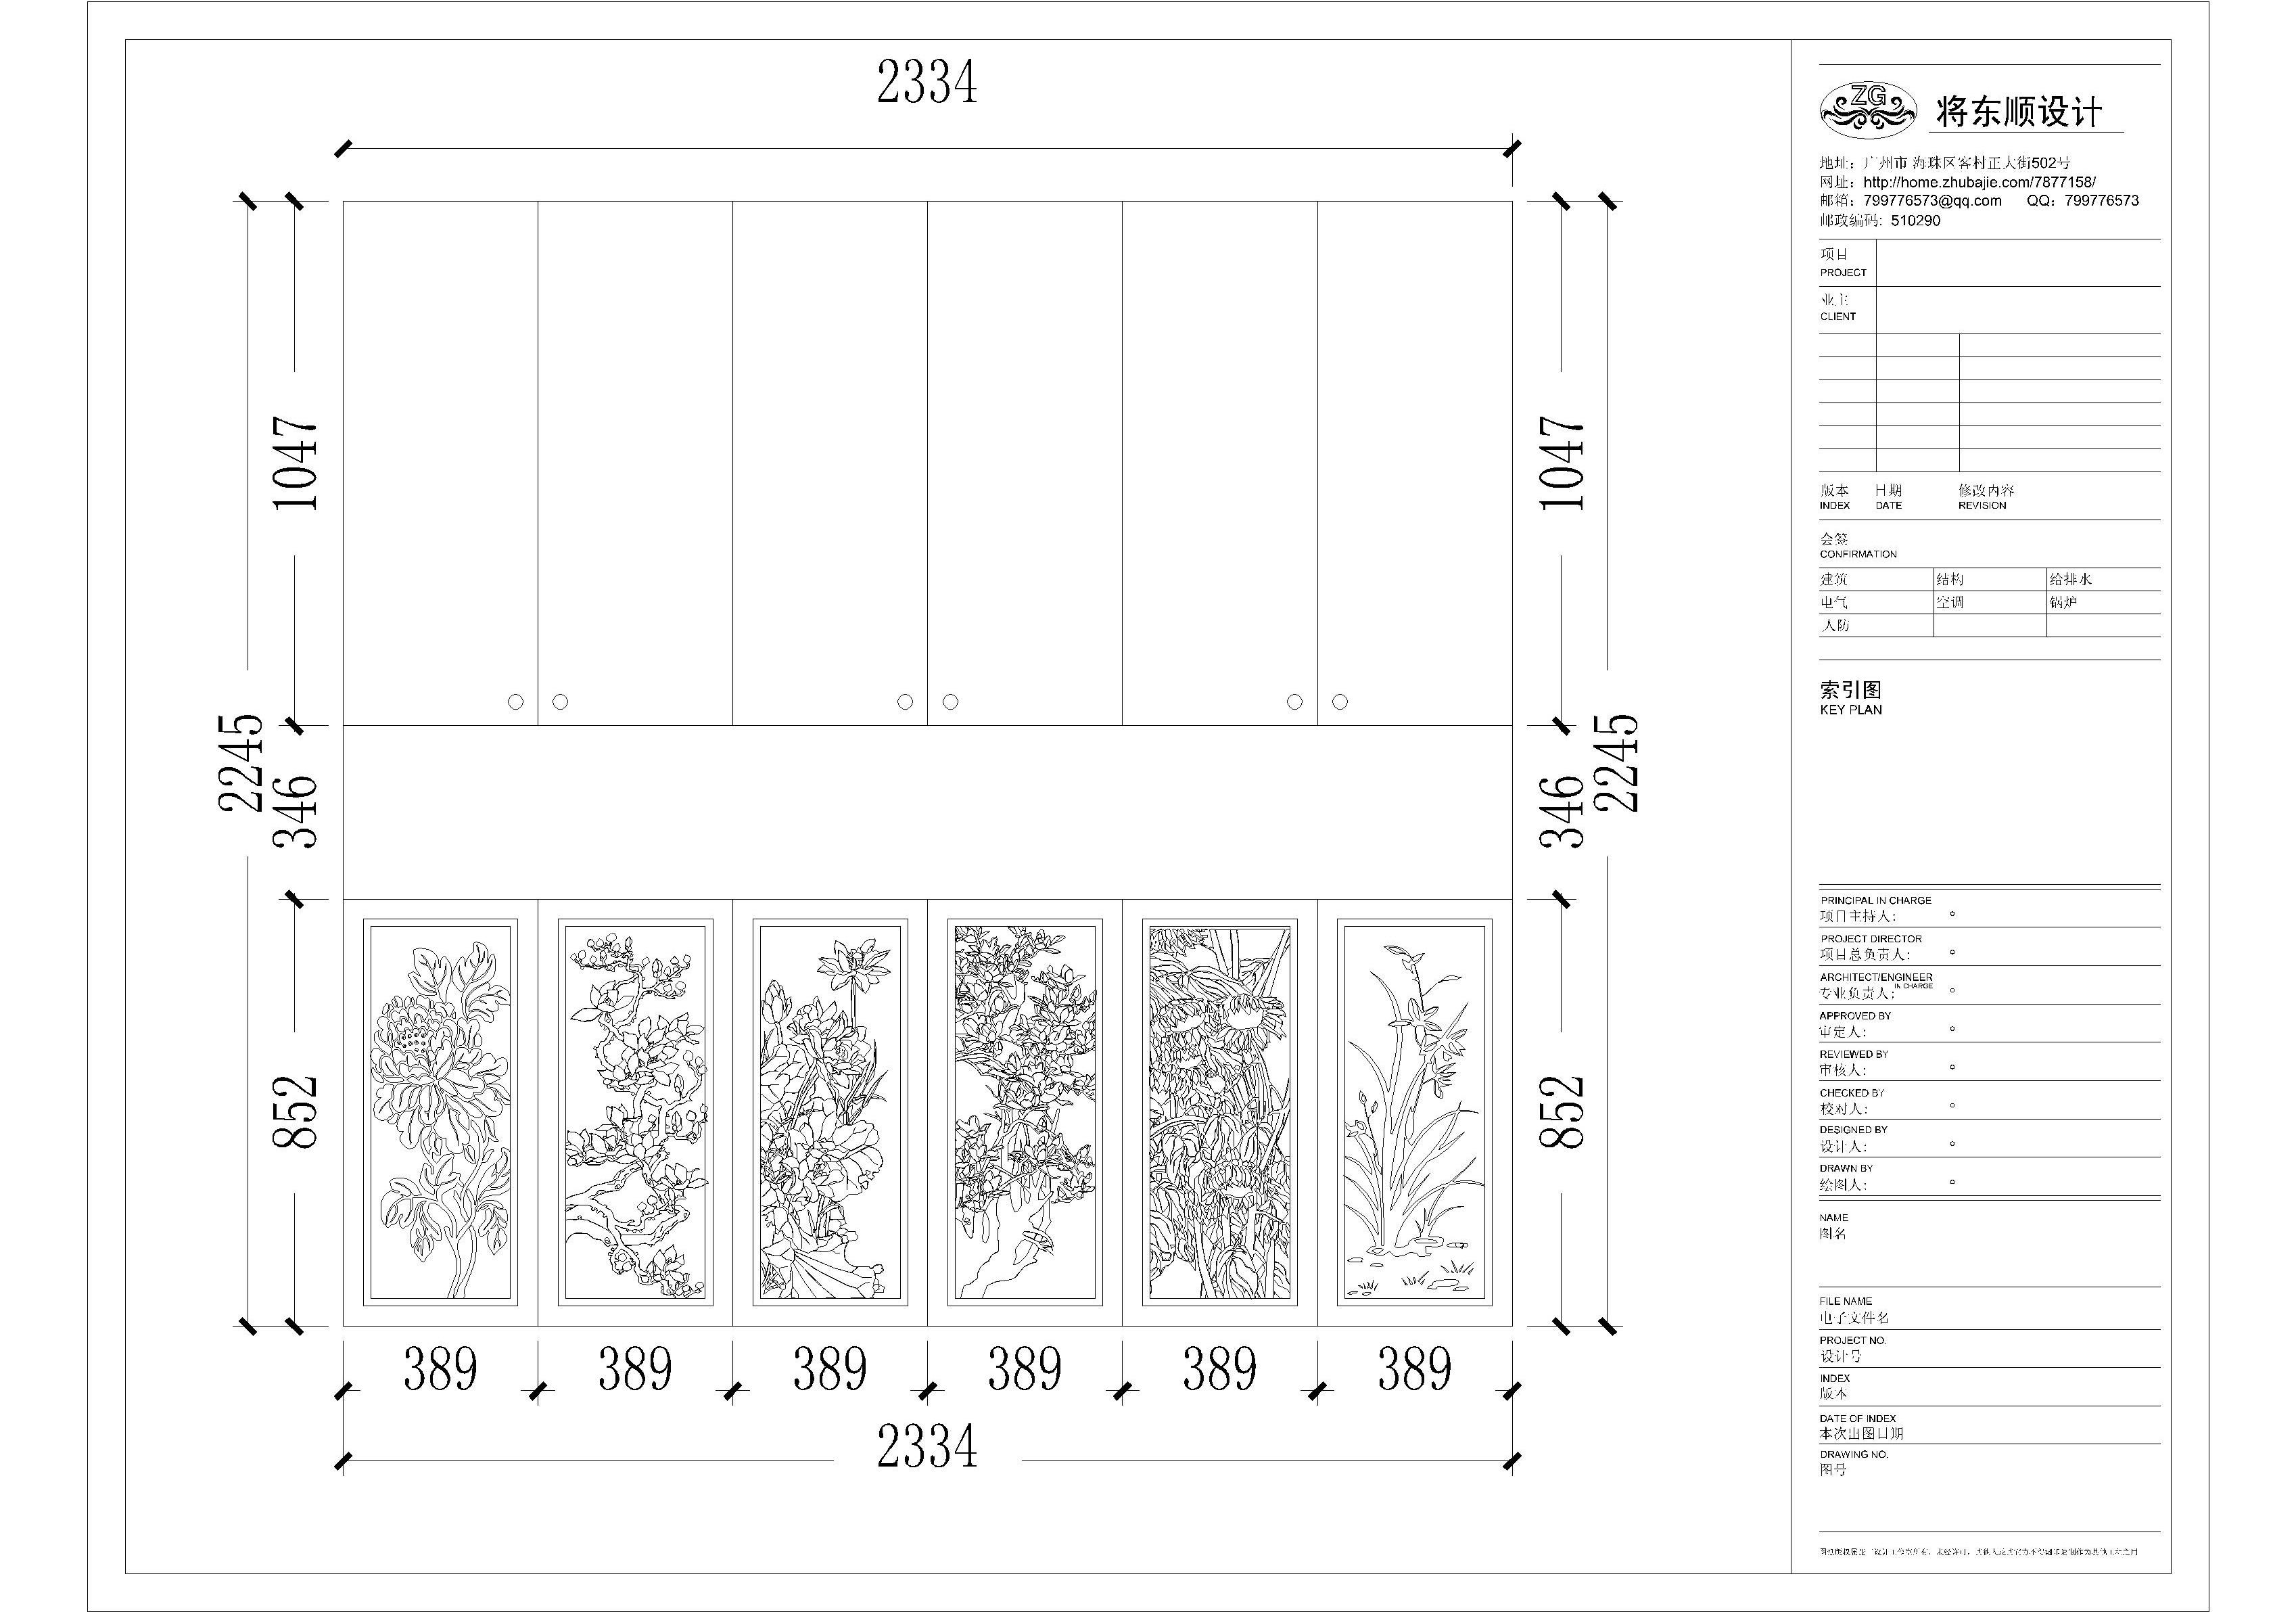 设计九幅镂空木雕图案